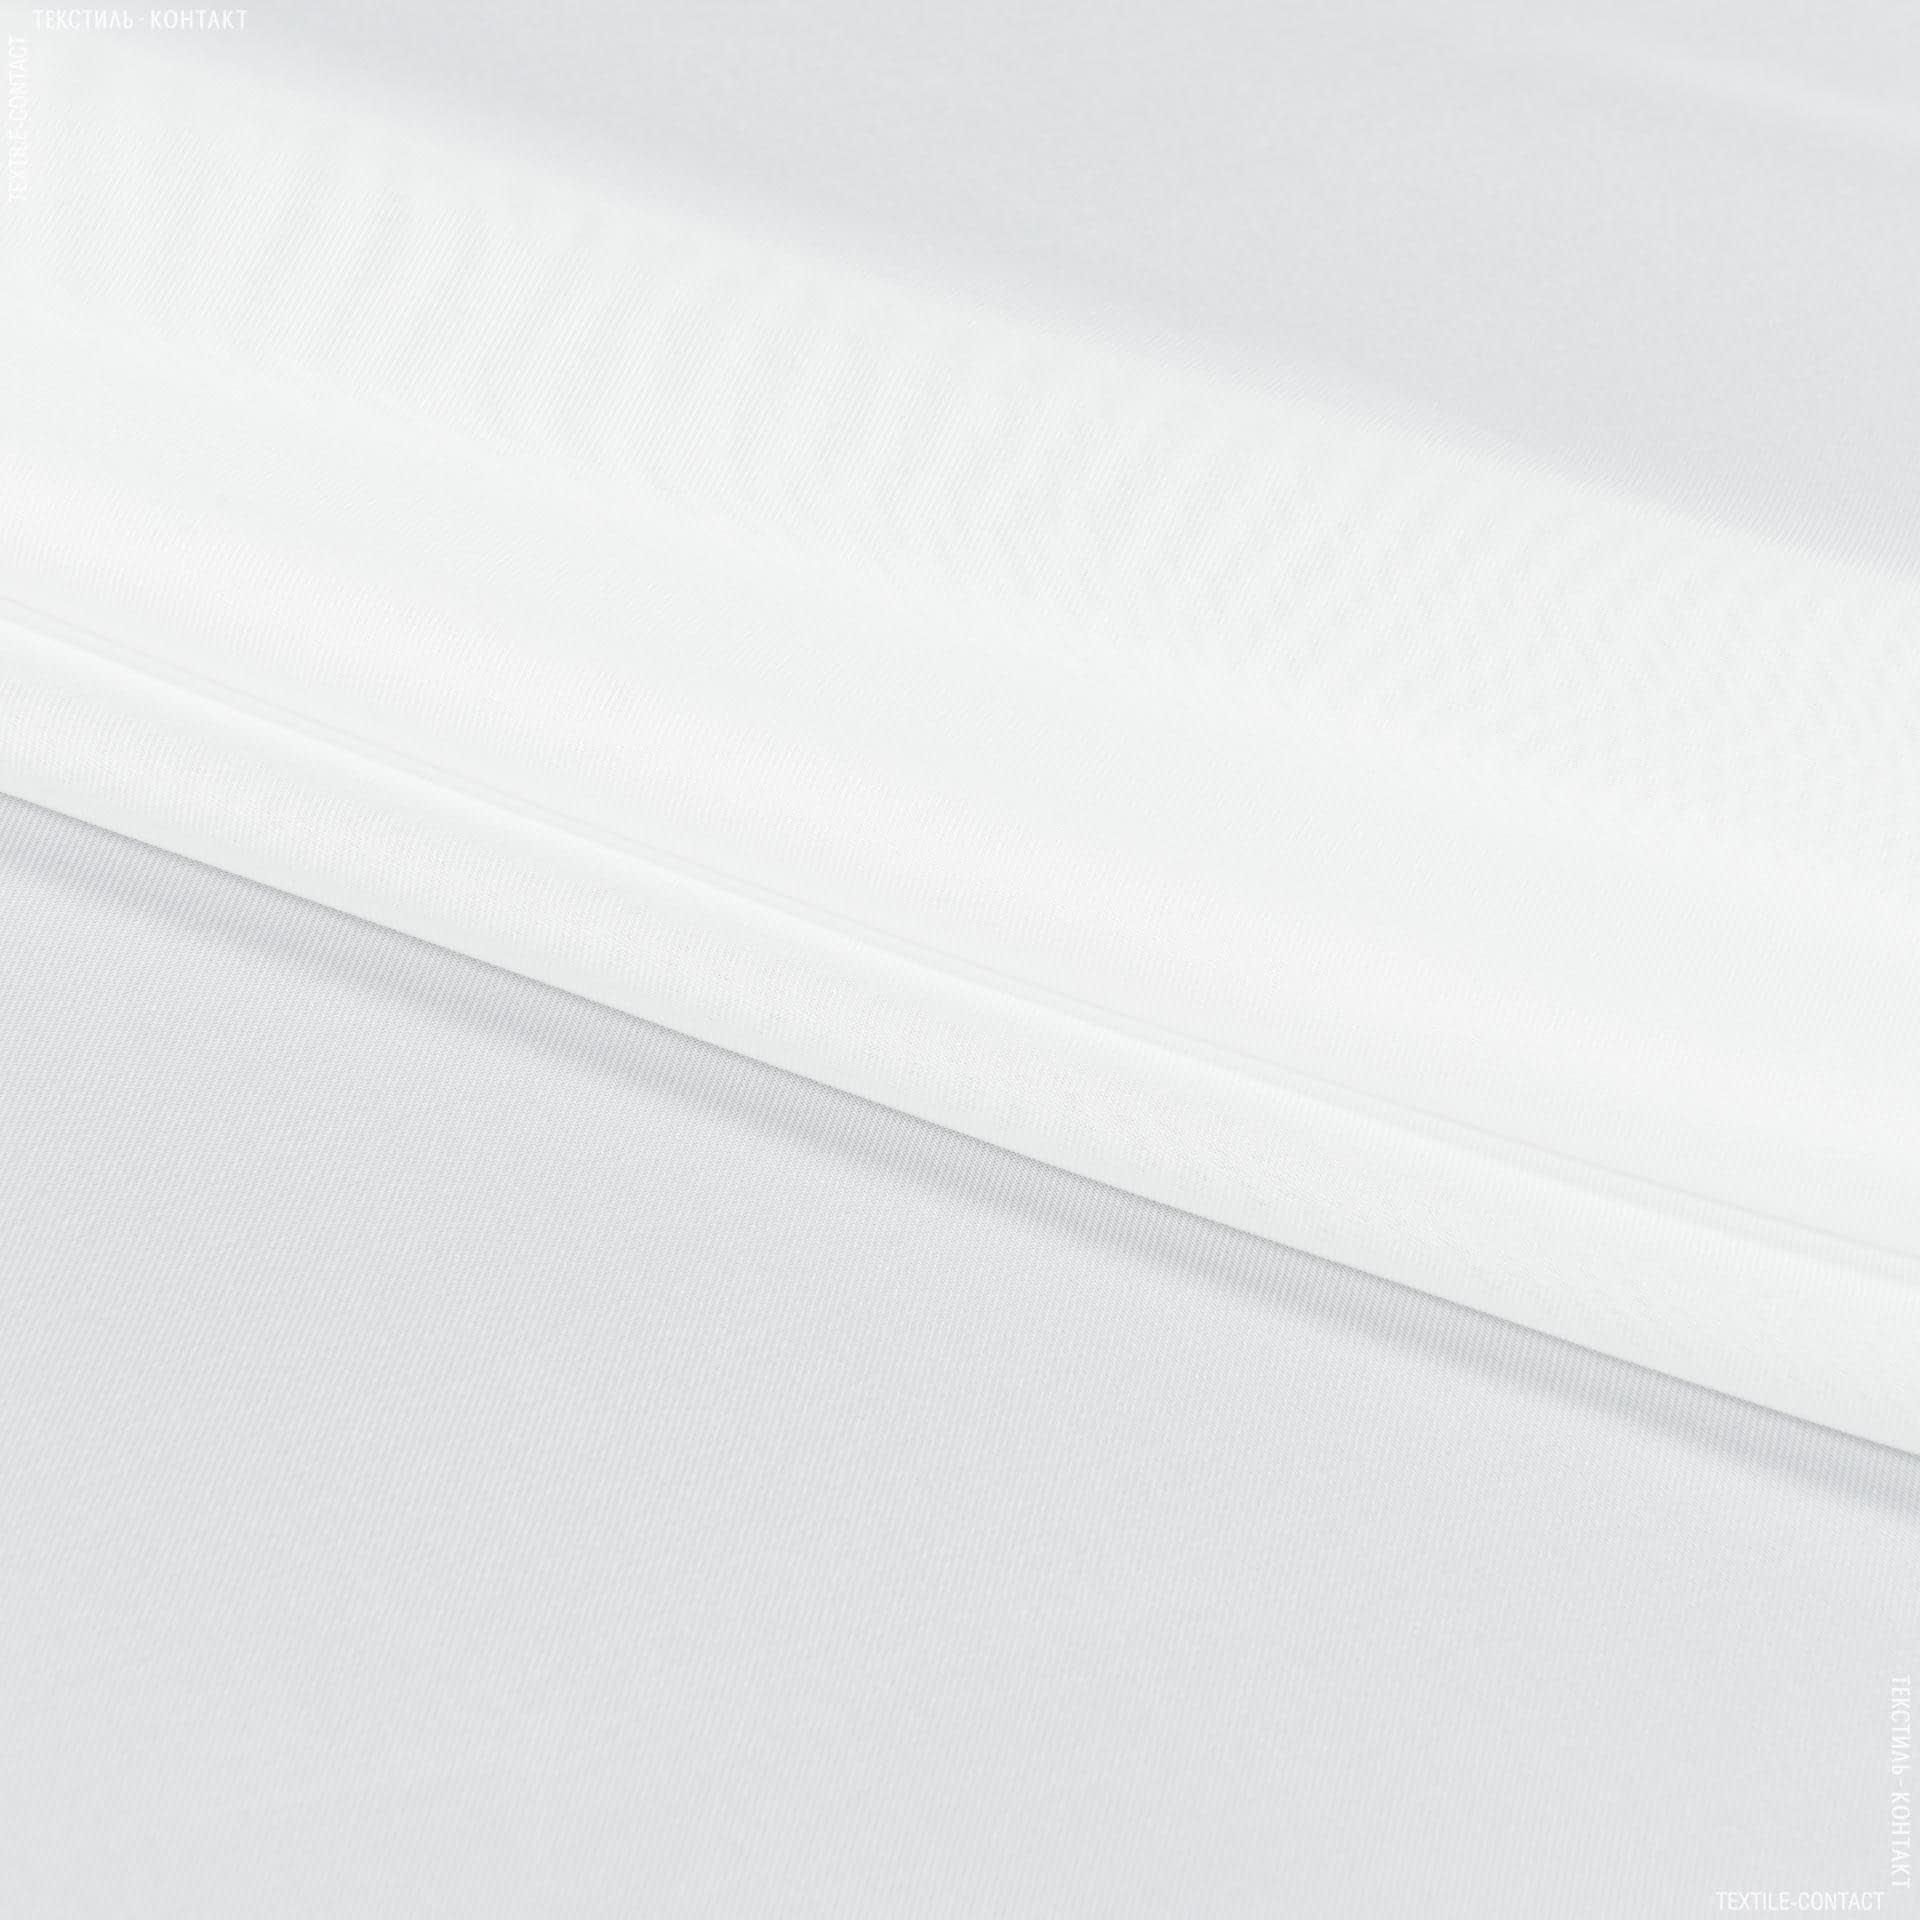 Тканини для тюлі - Тюль з обважнювачем британський / молочний